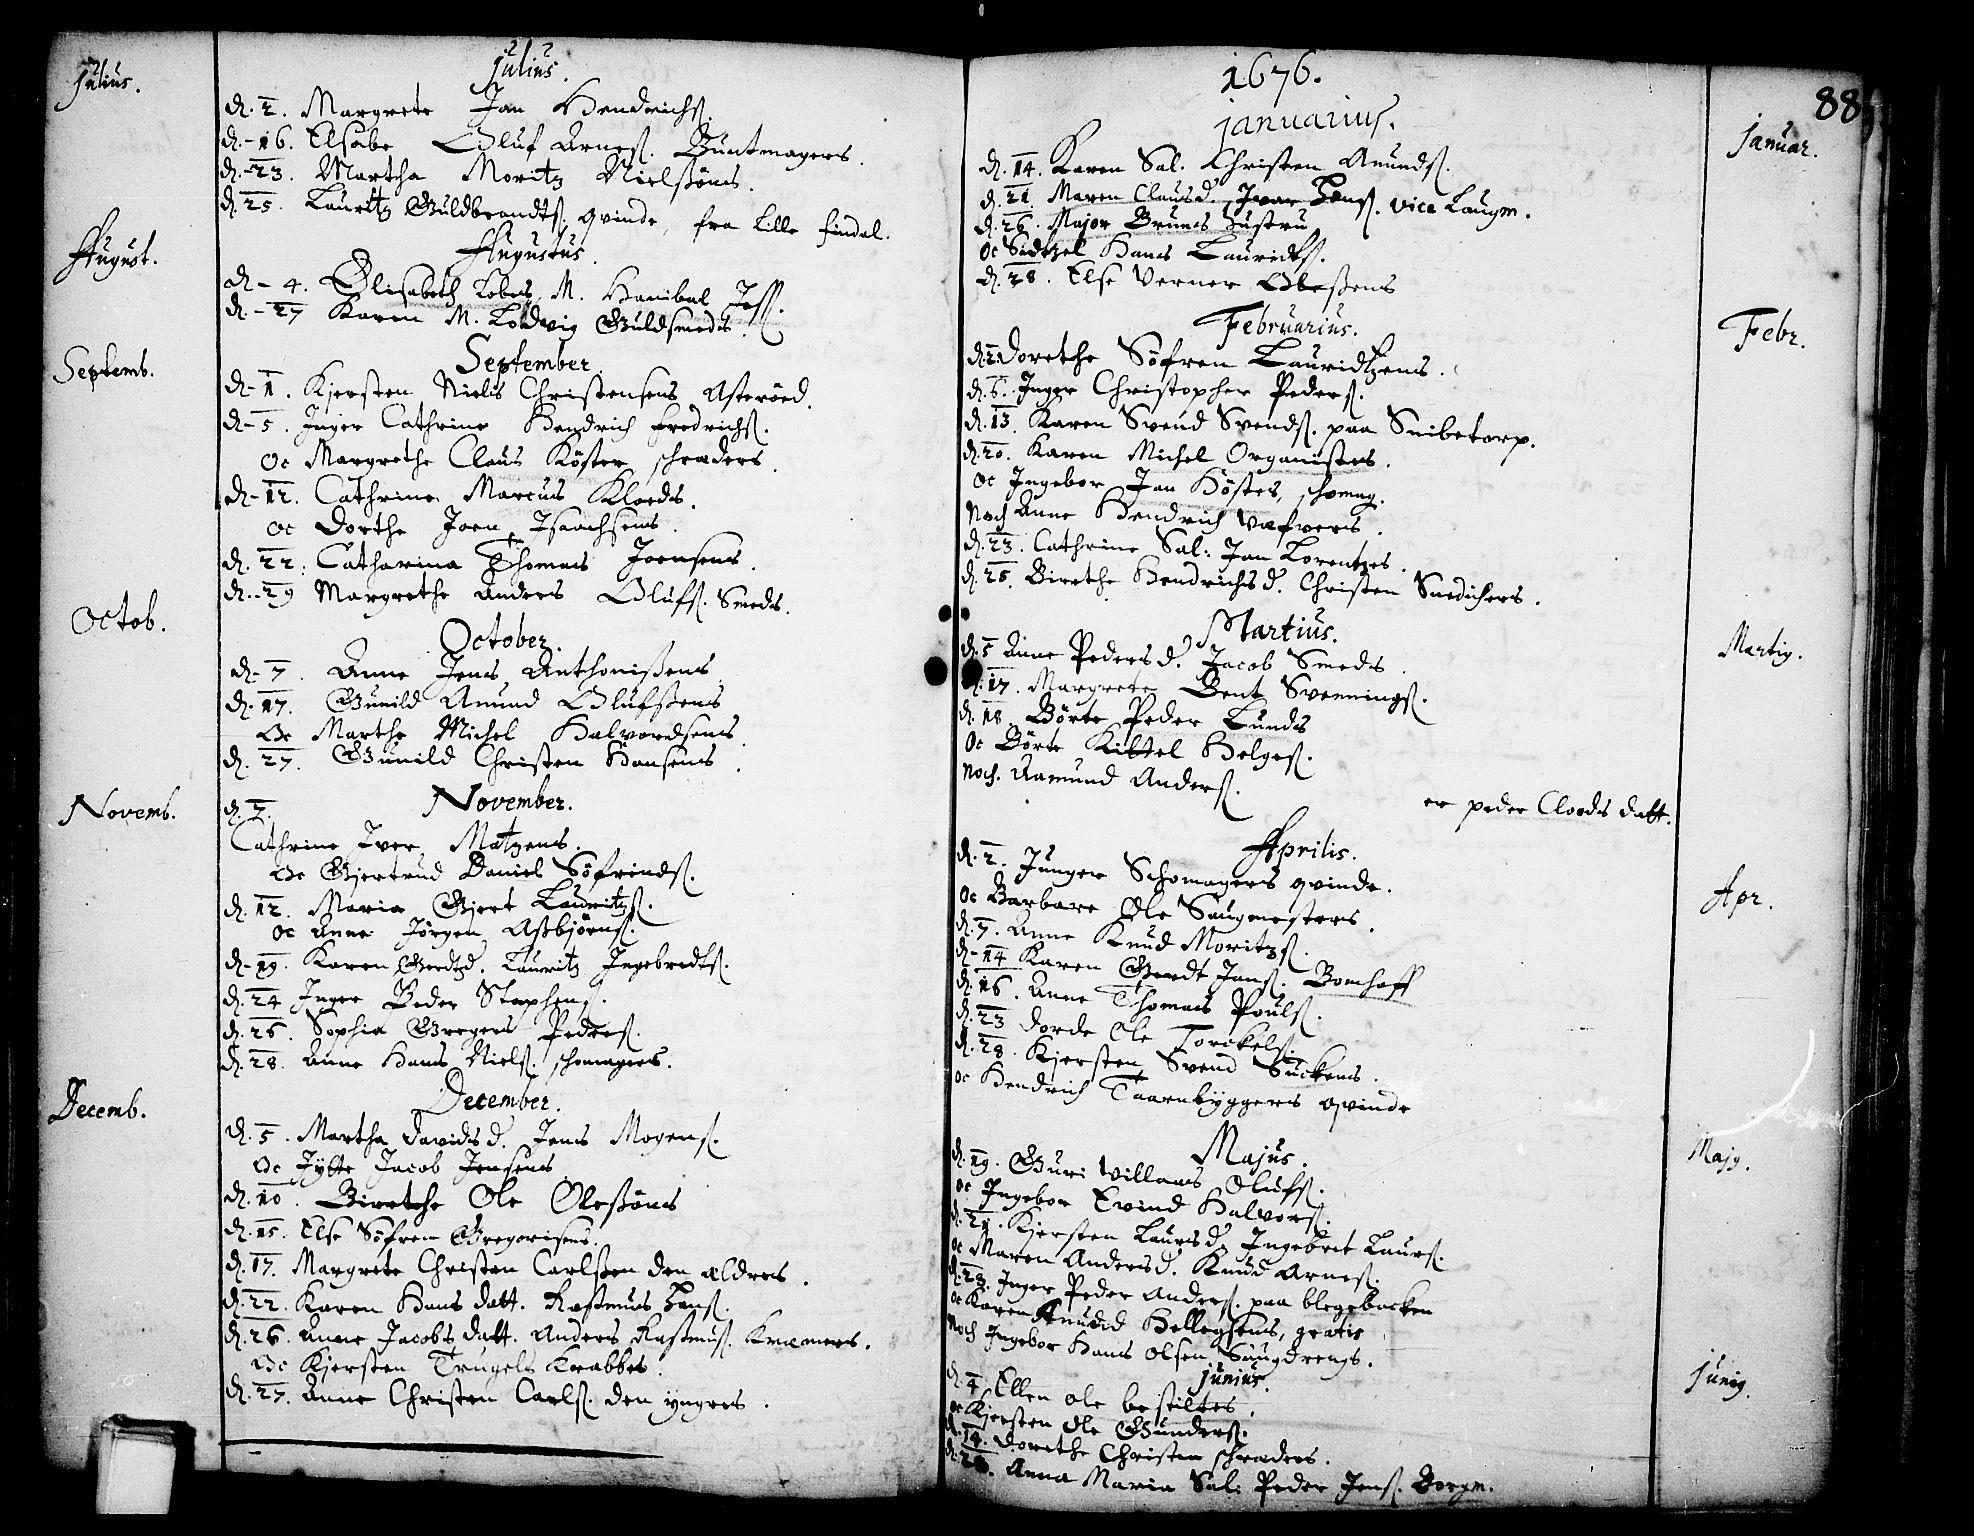 SAKO, Skien kirkebøker, F/Fa/L0001: Ministerialbok nr. 1, 1659-1679, s. 88